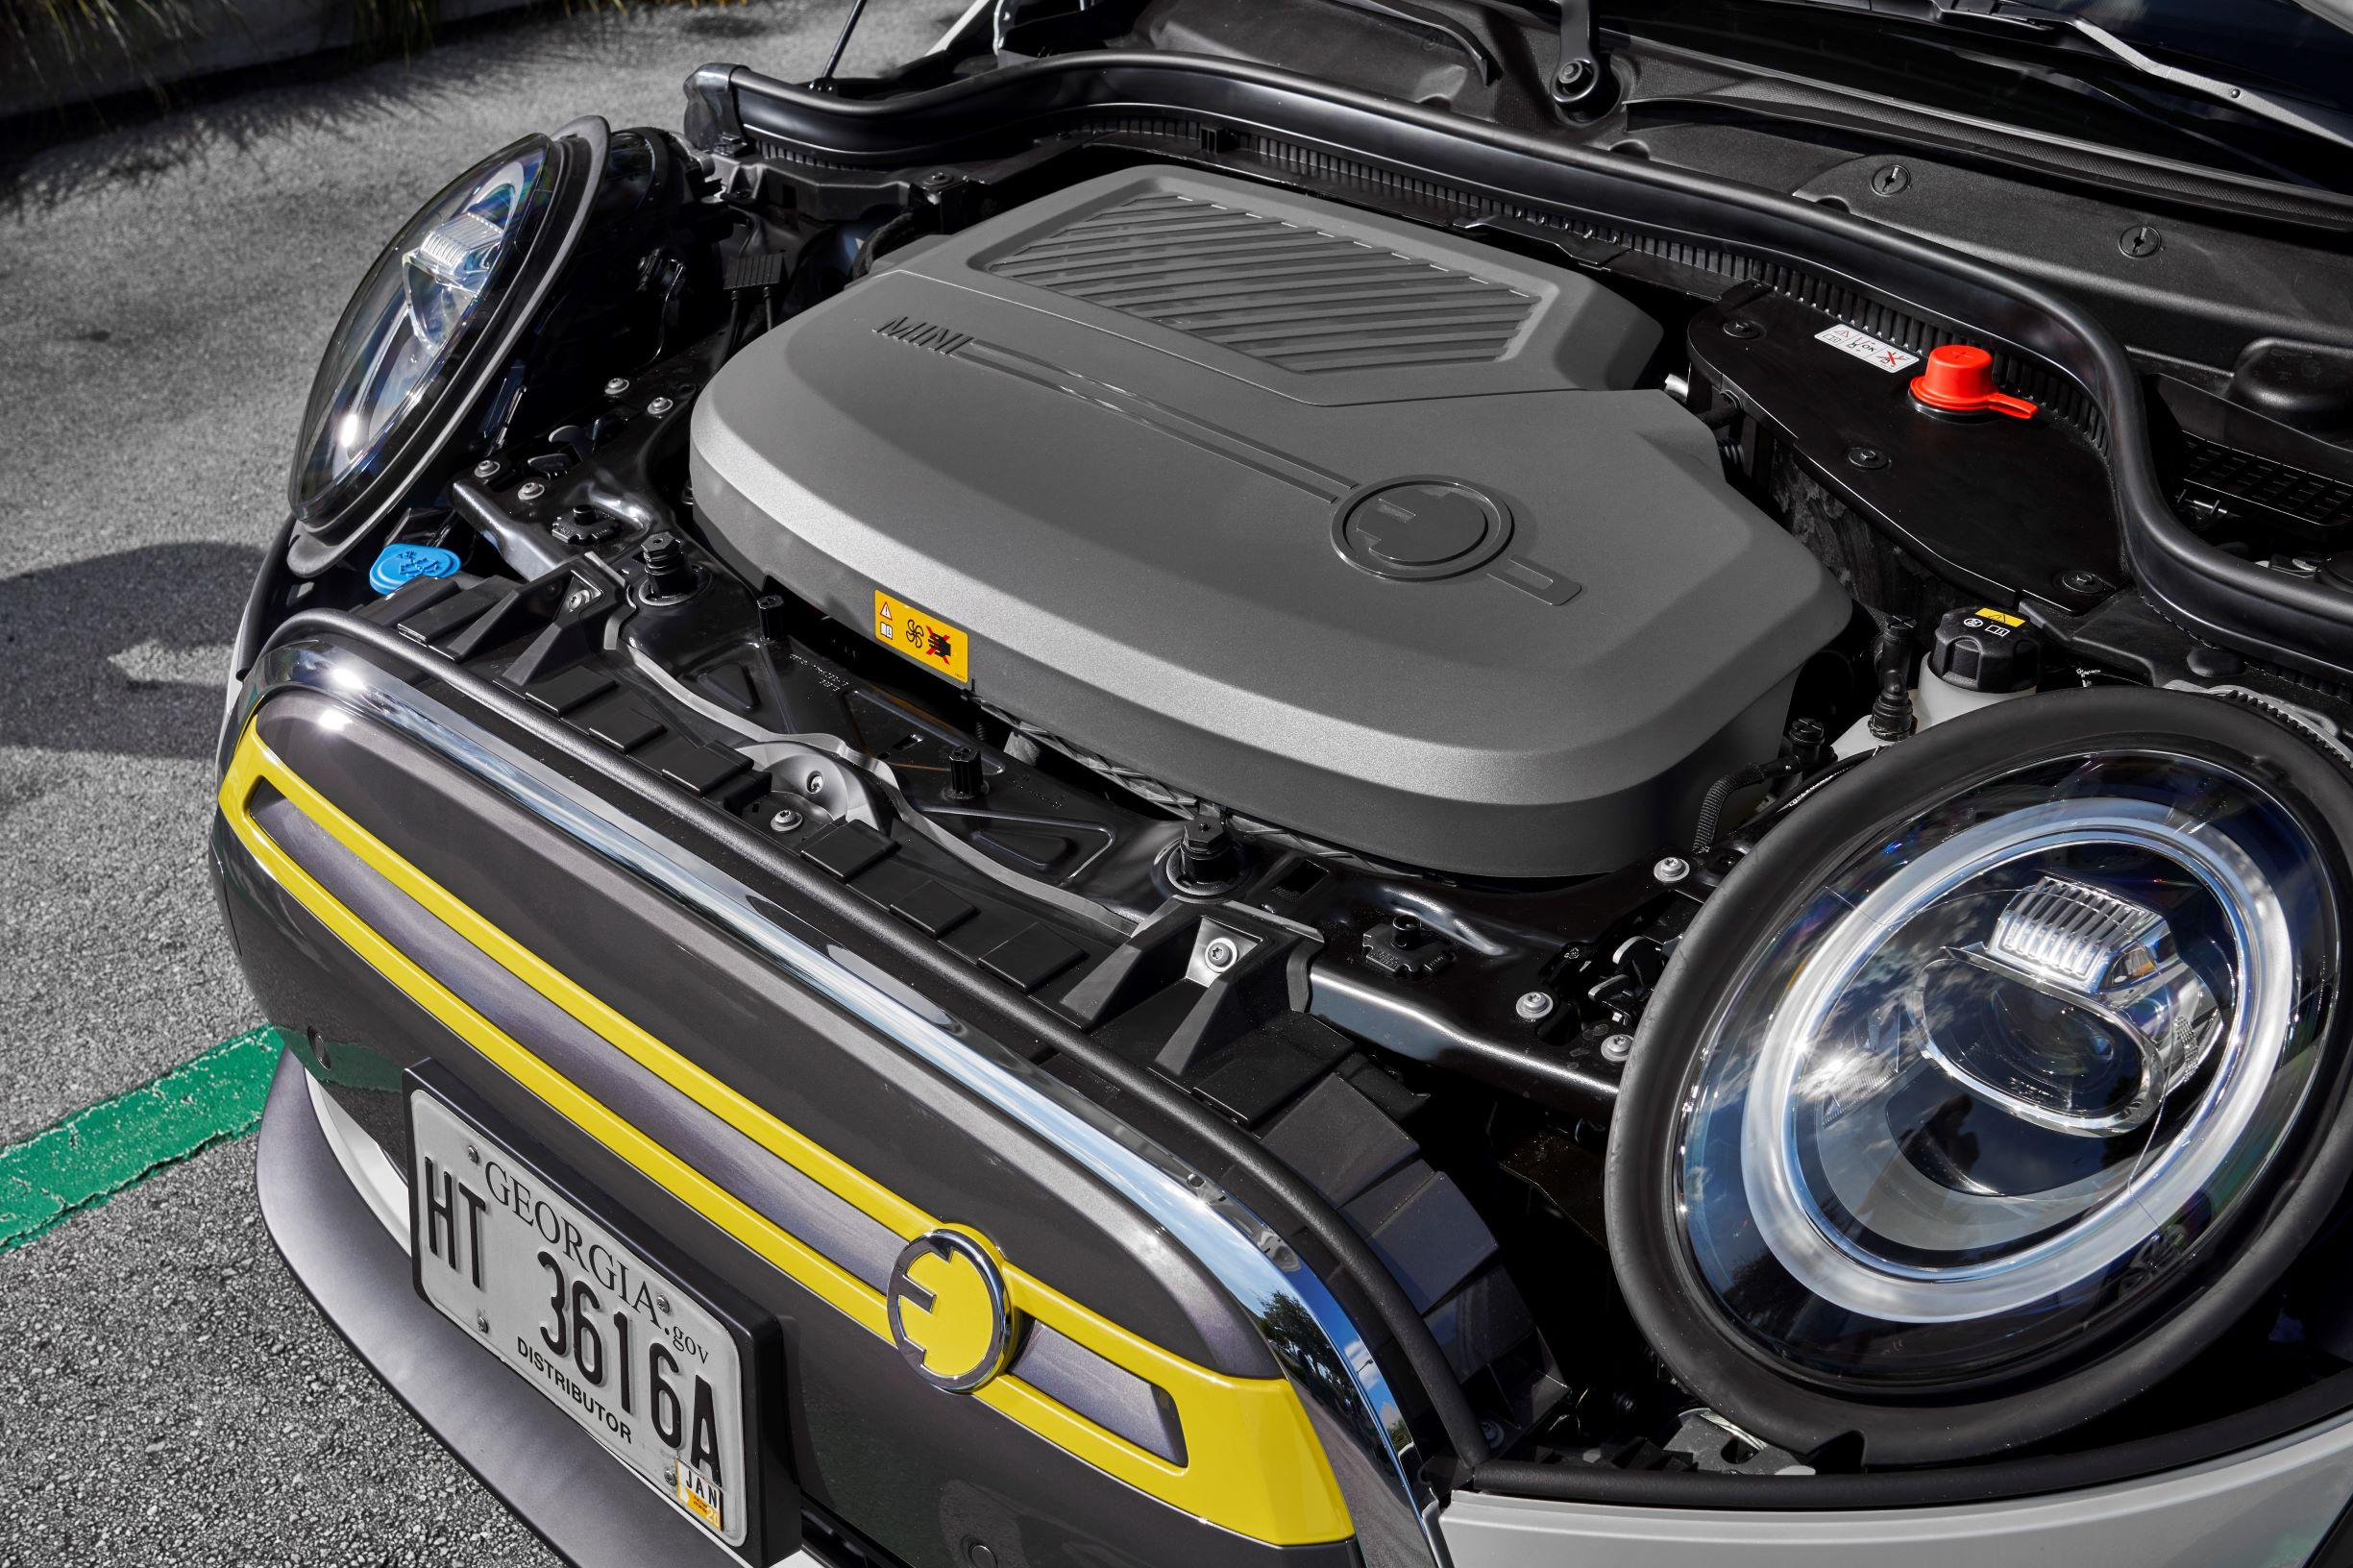 MINI Elettrica prezzo motore